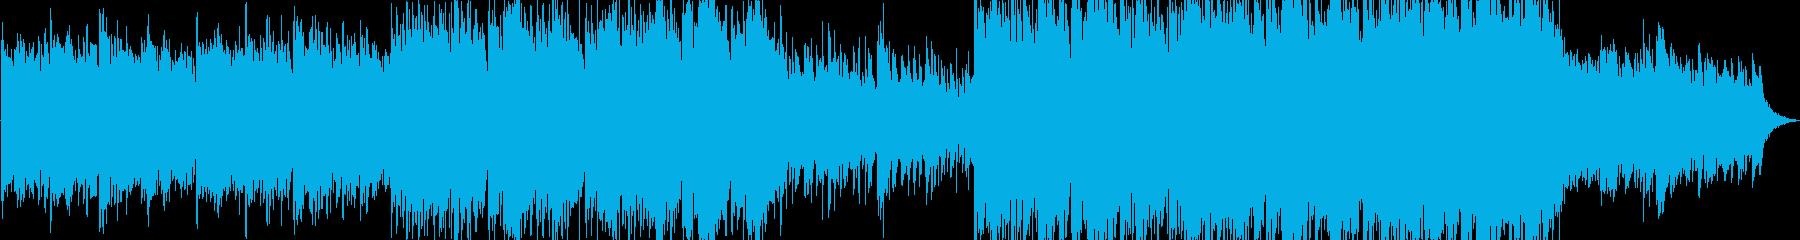 ロマンチックなピアノの背景の再生済みの波形